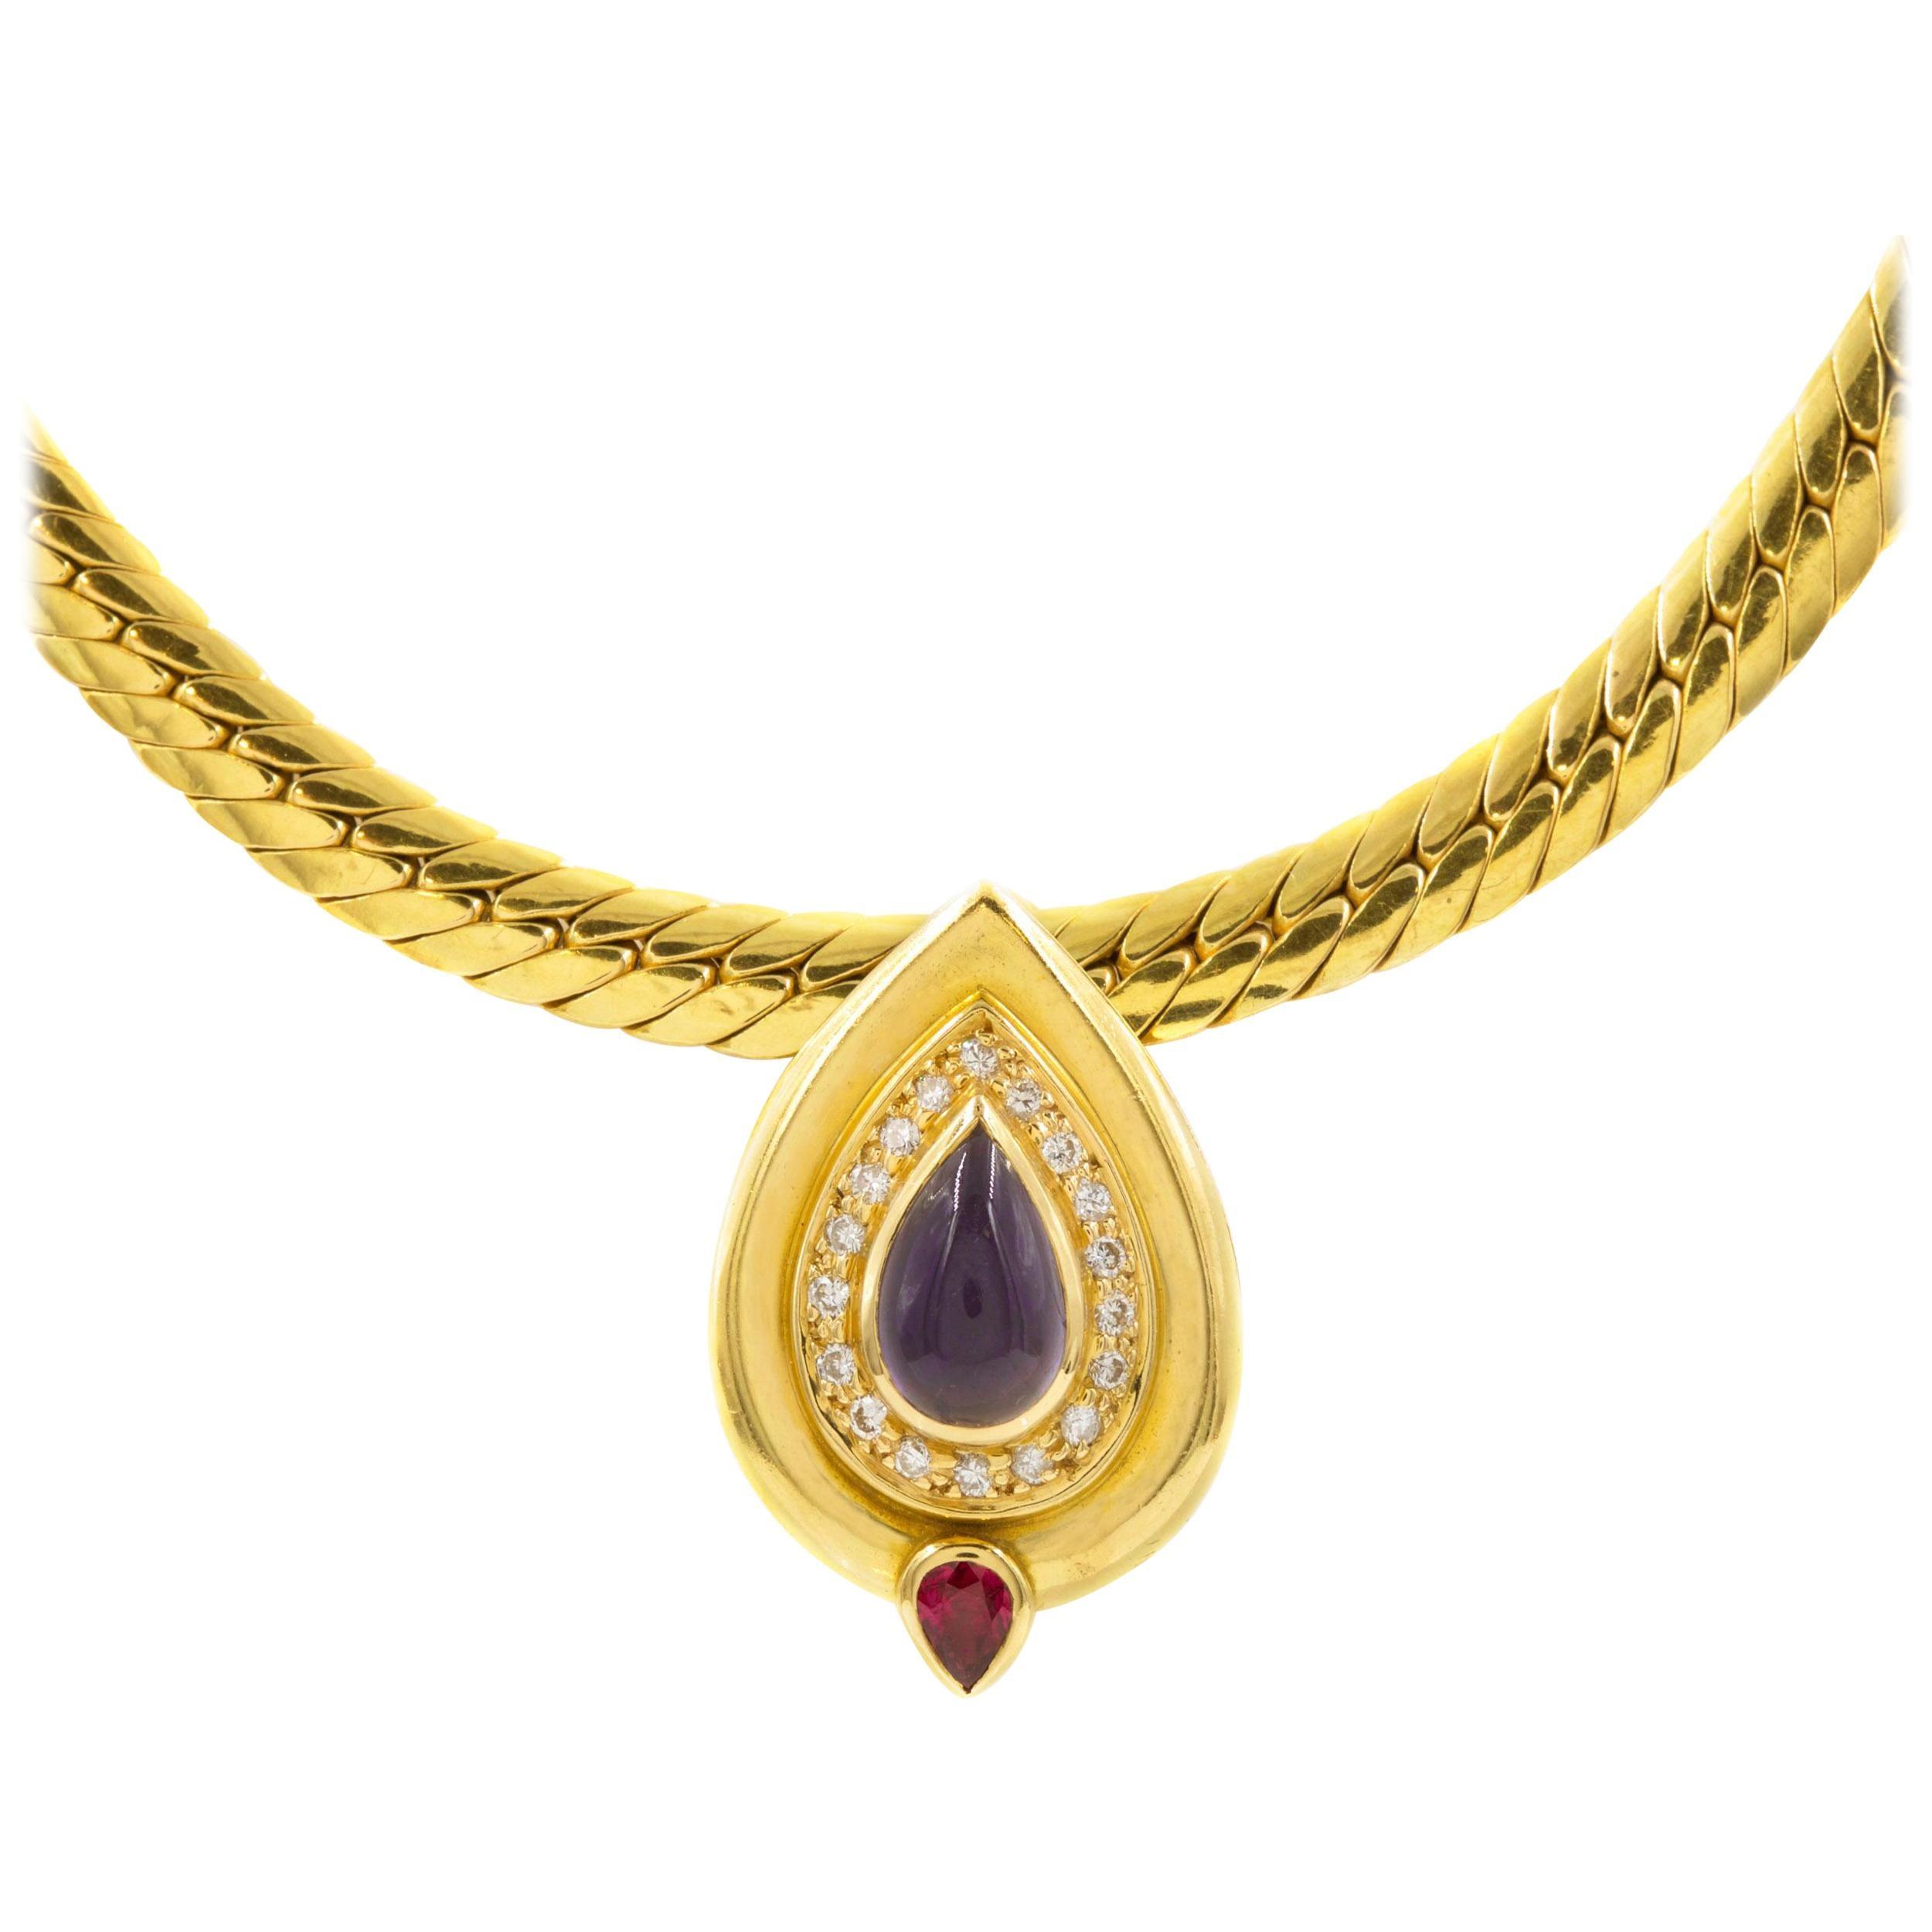 Vintage Italian 18k Gold Flexible-Link Necklace w/ Teardrop Pendant